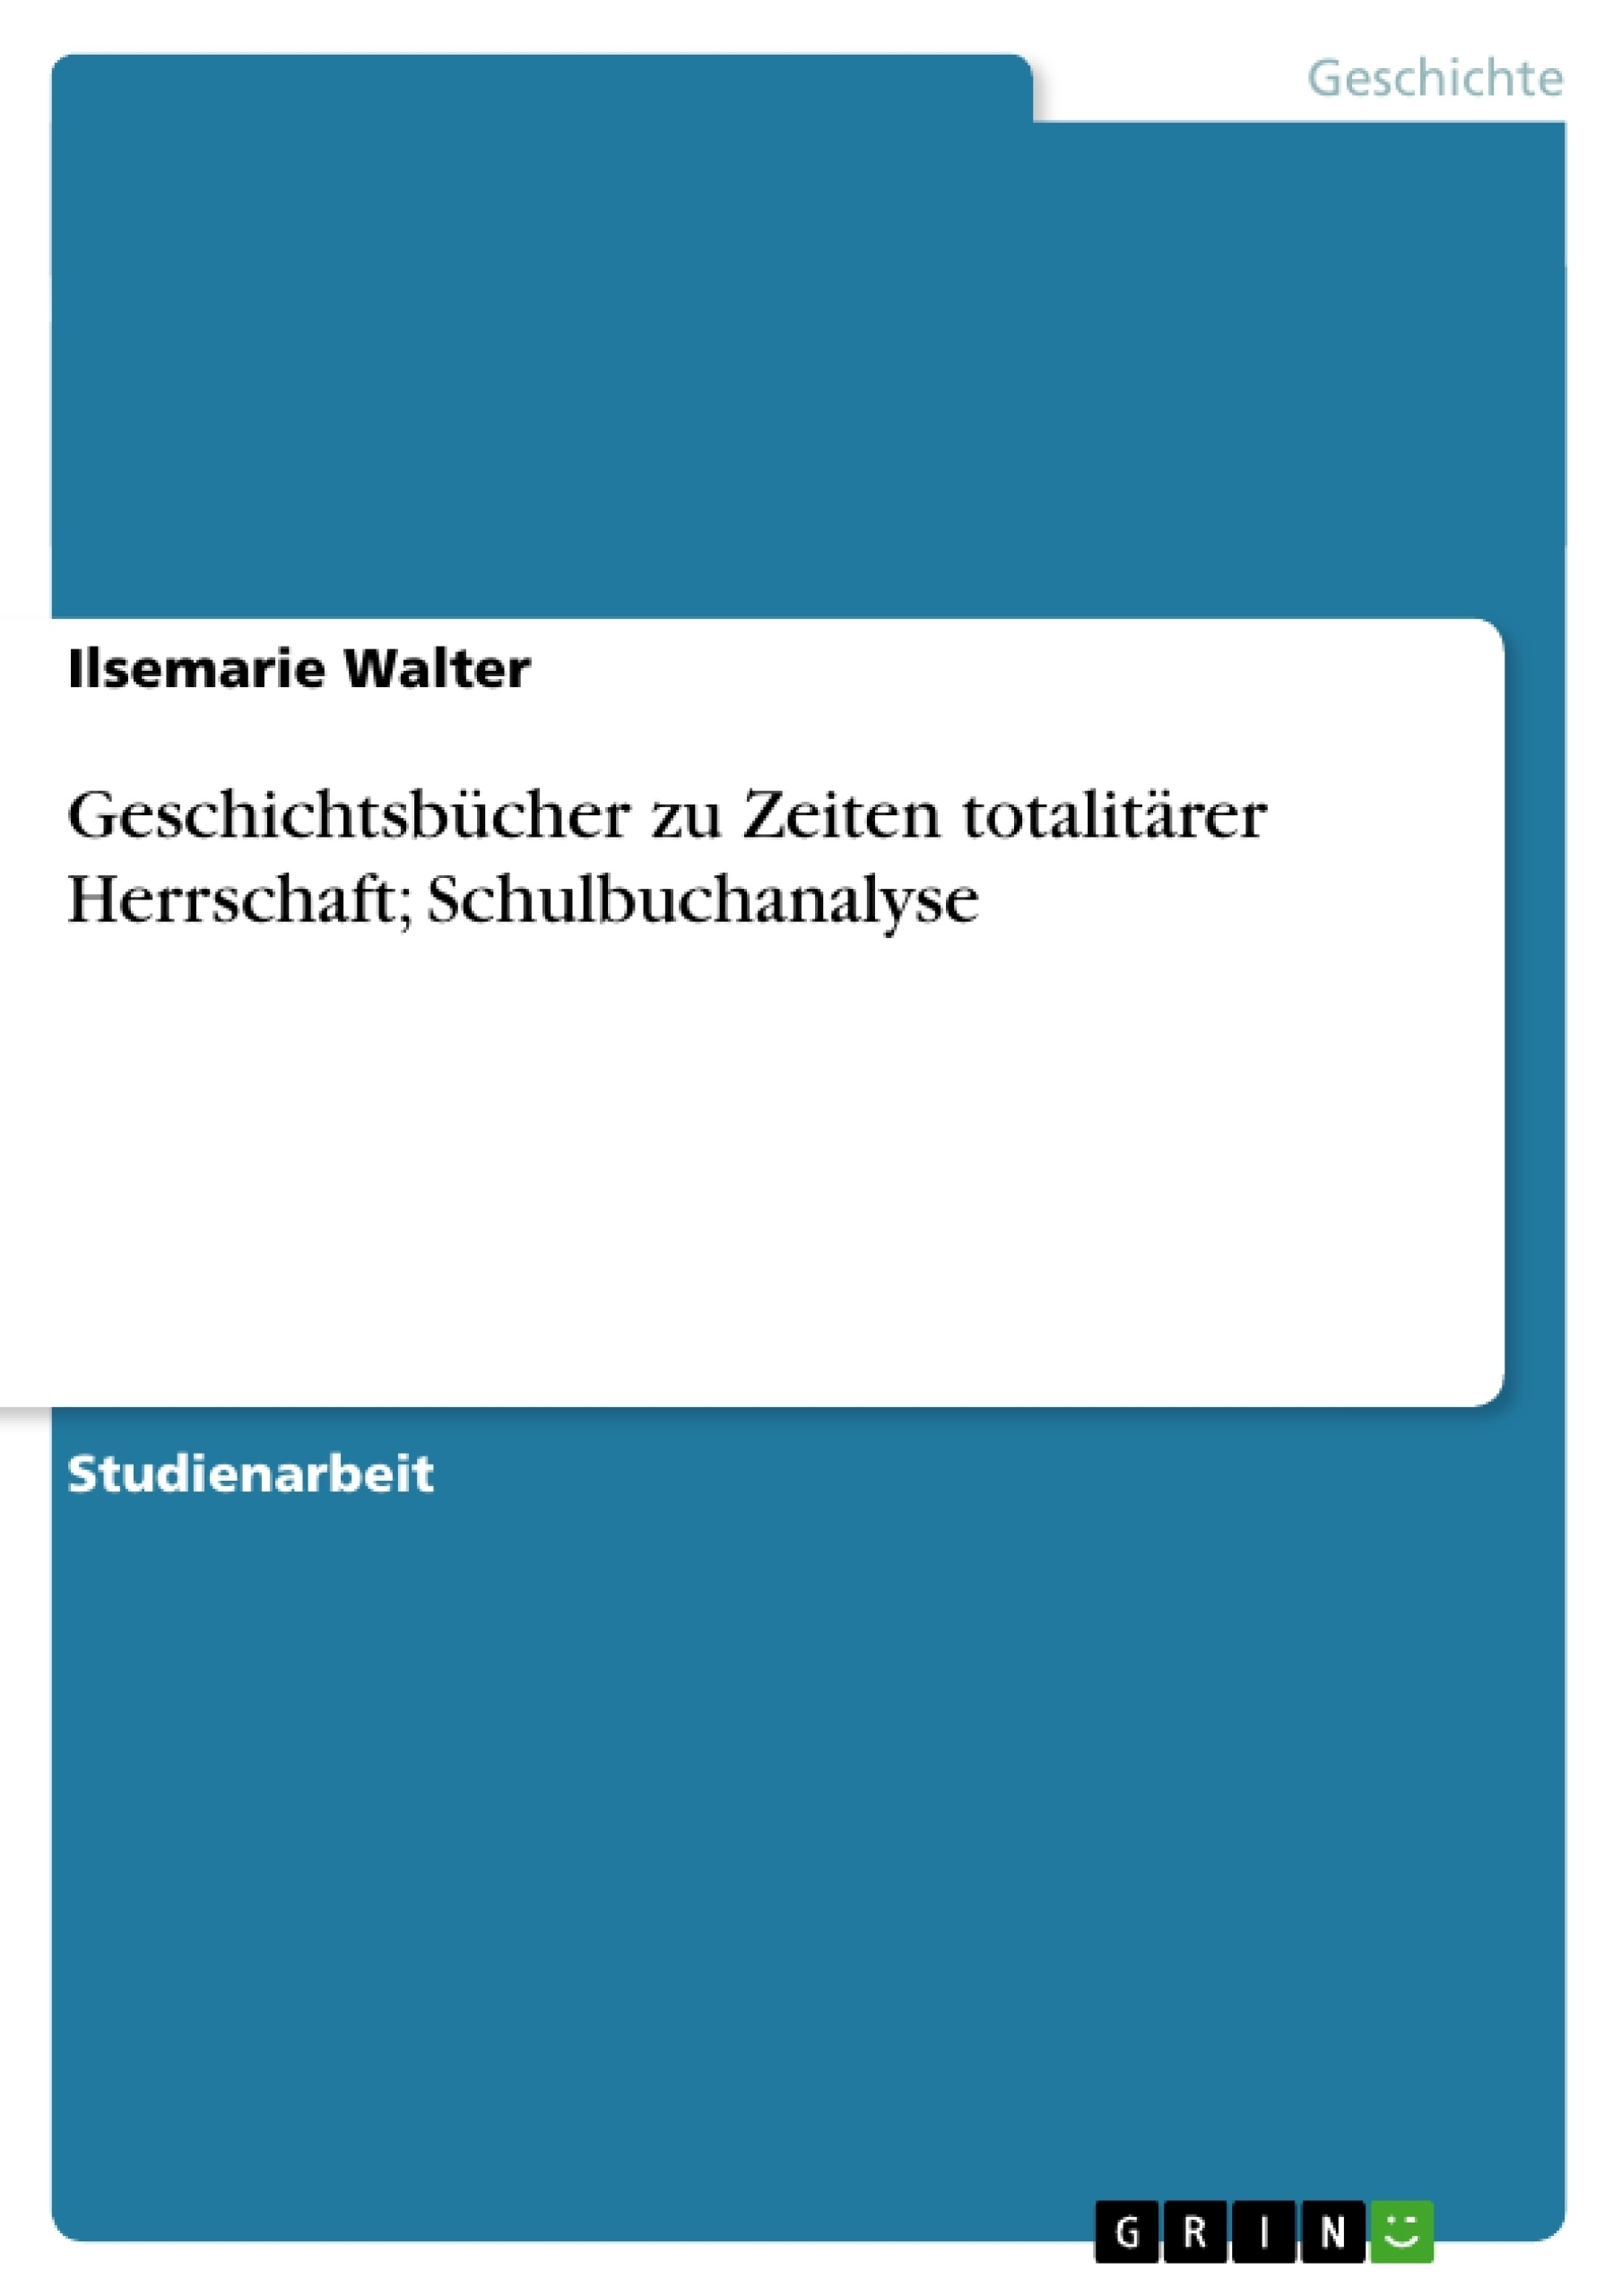 Titel: Geschichtsbücher zu Zeiten totalitärer Herrschaft; Schulbuchanalyse